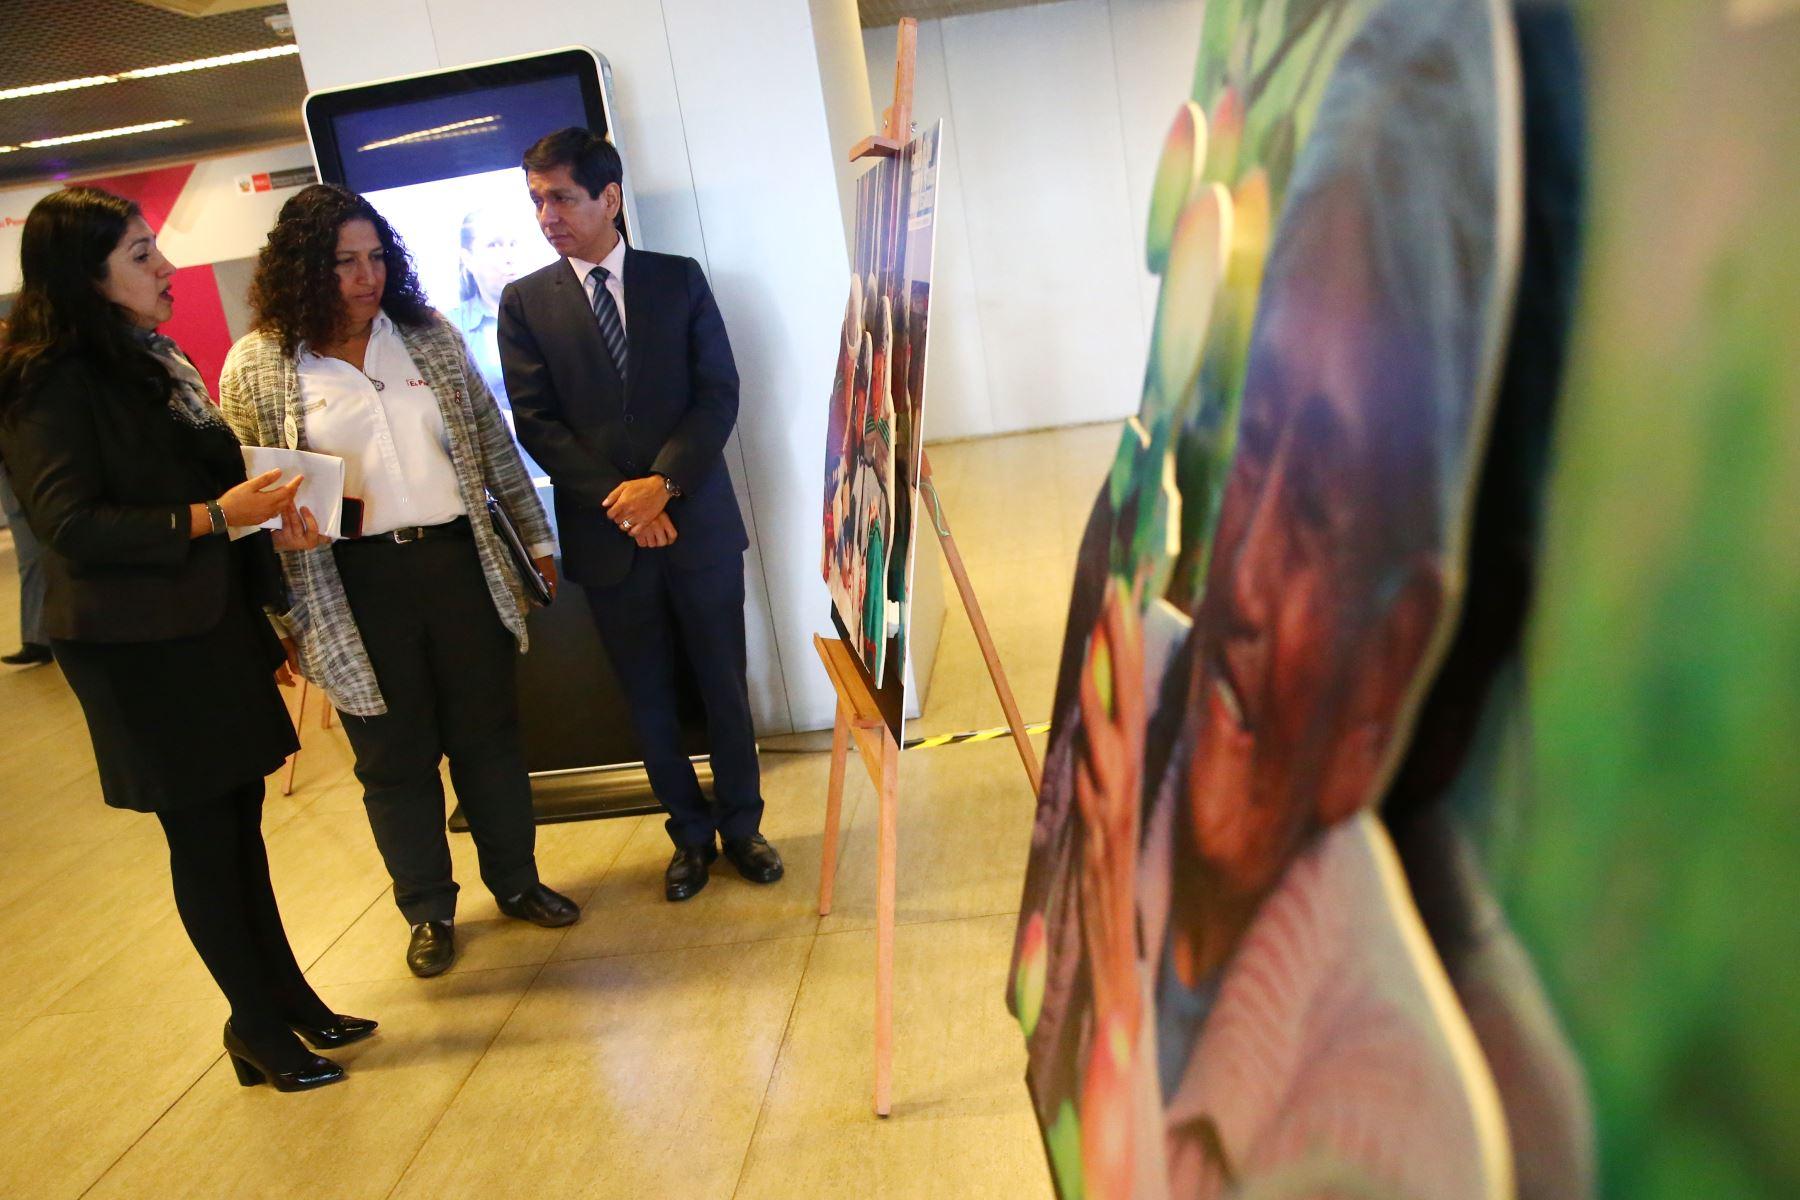 Ministro de Desarrollo e Inclusión Social junto a la ministra del Ambiente, Fabiola Muñoz  en la VIII Semana de la Inclusión Social. Foto: ANDINA/Melina Mejía